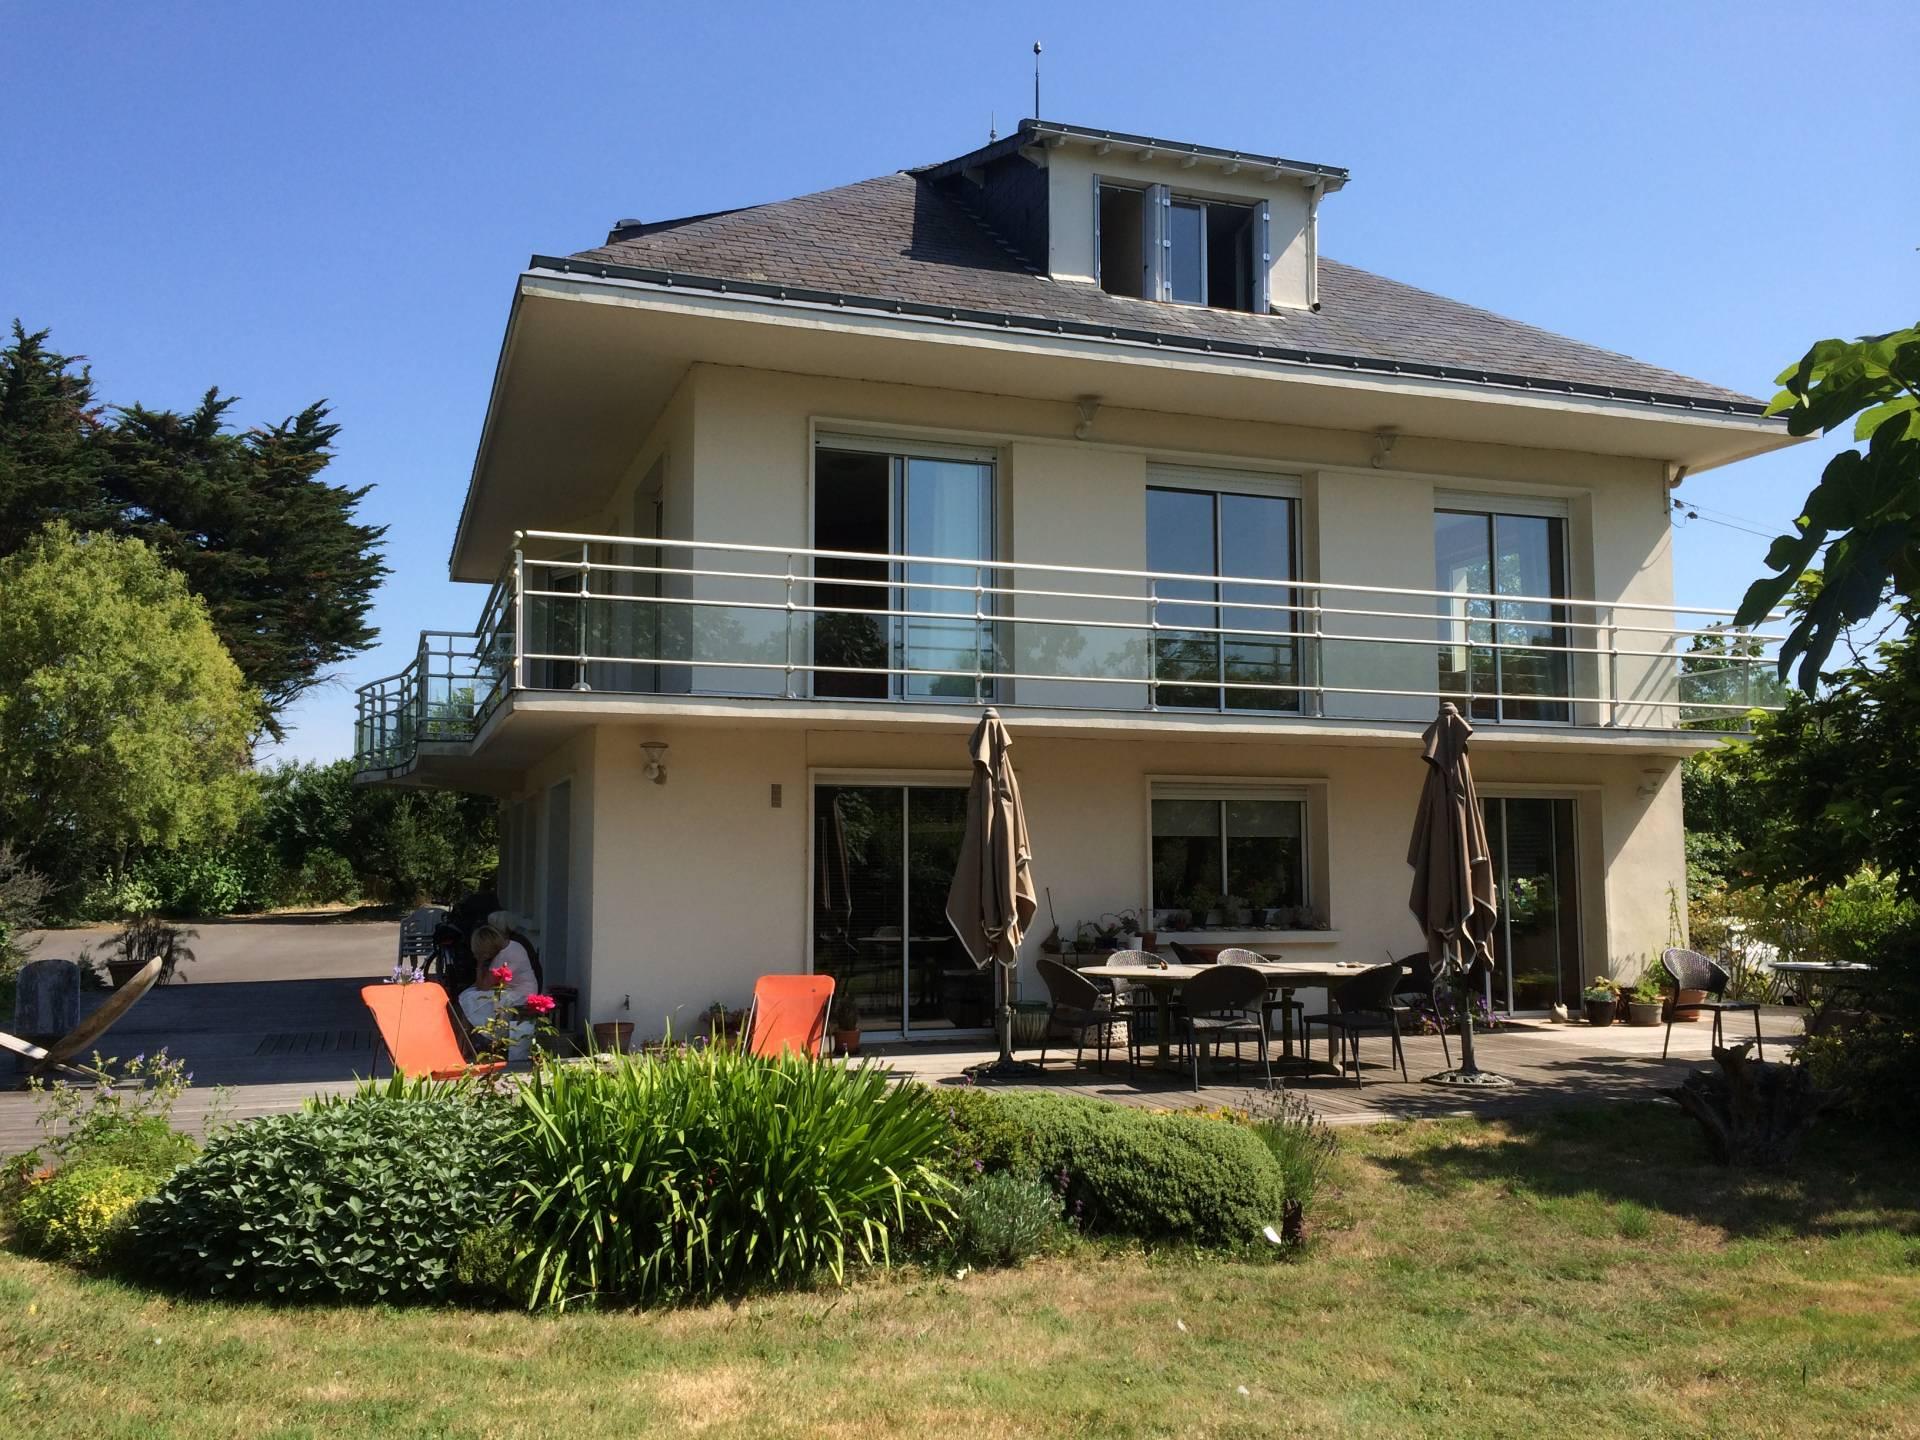 Vente maison 6 pi ces saint nazaire 44600 maguy for Achat maison saint nazaire